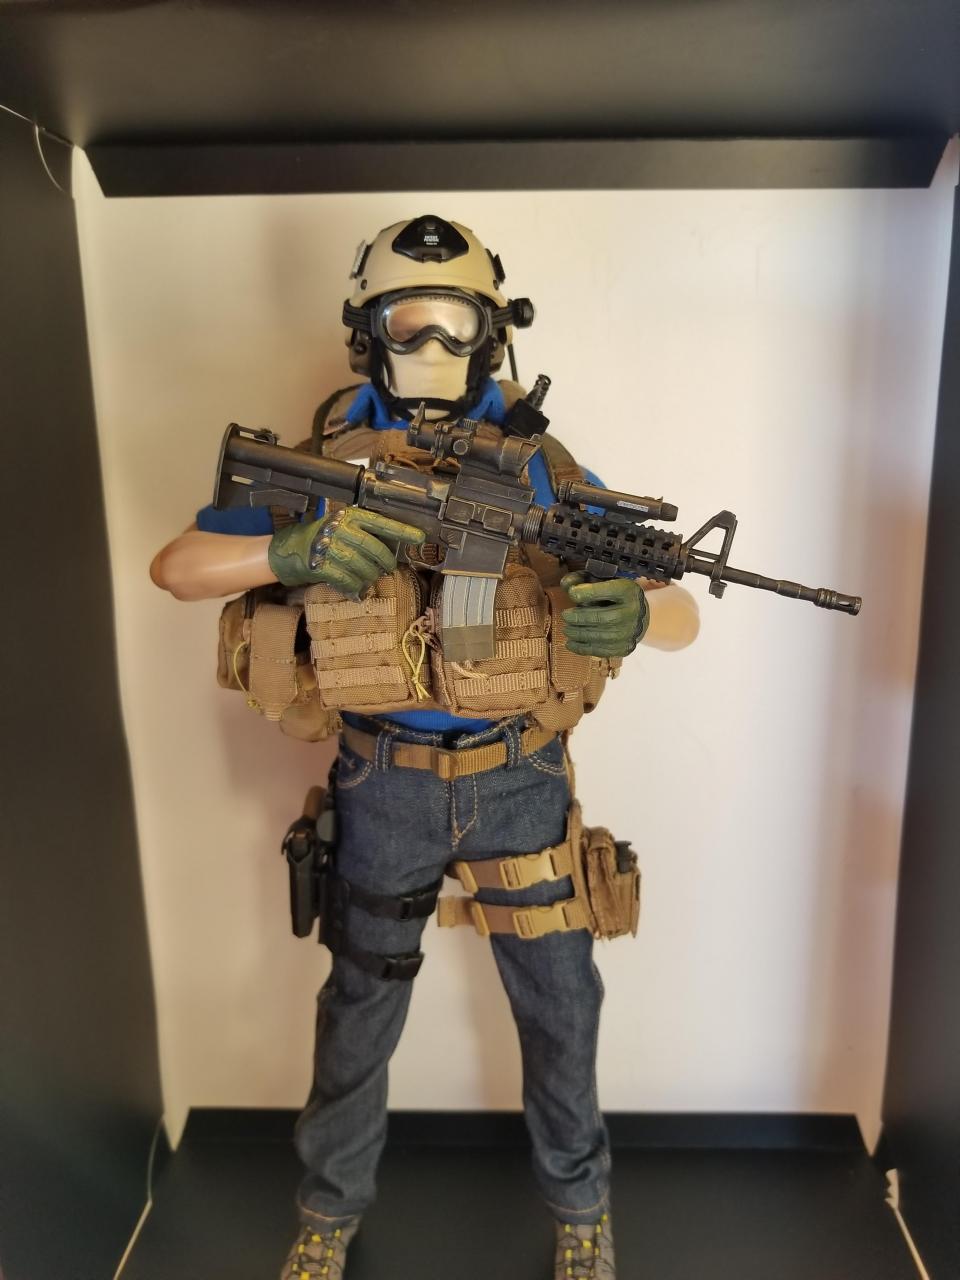 Modern Warfare 2 - Task Force 141 operative in urban wear (pic heavy)-9_-_kk8zwg6[1]-jpg